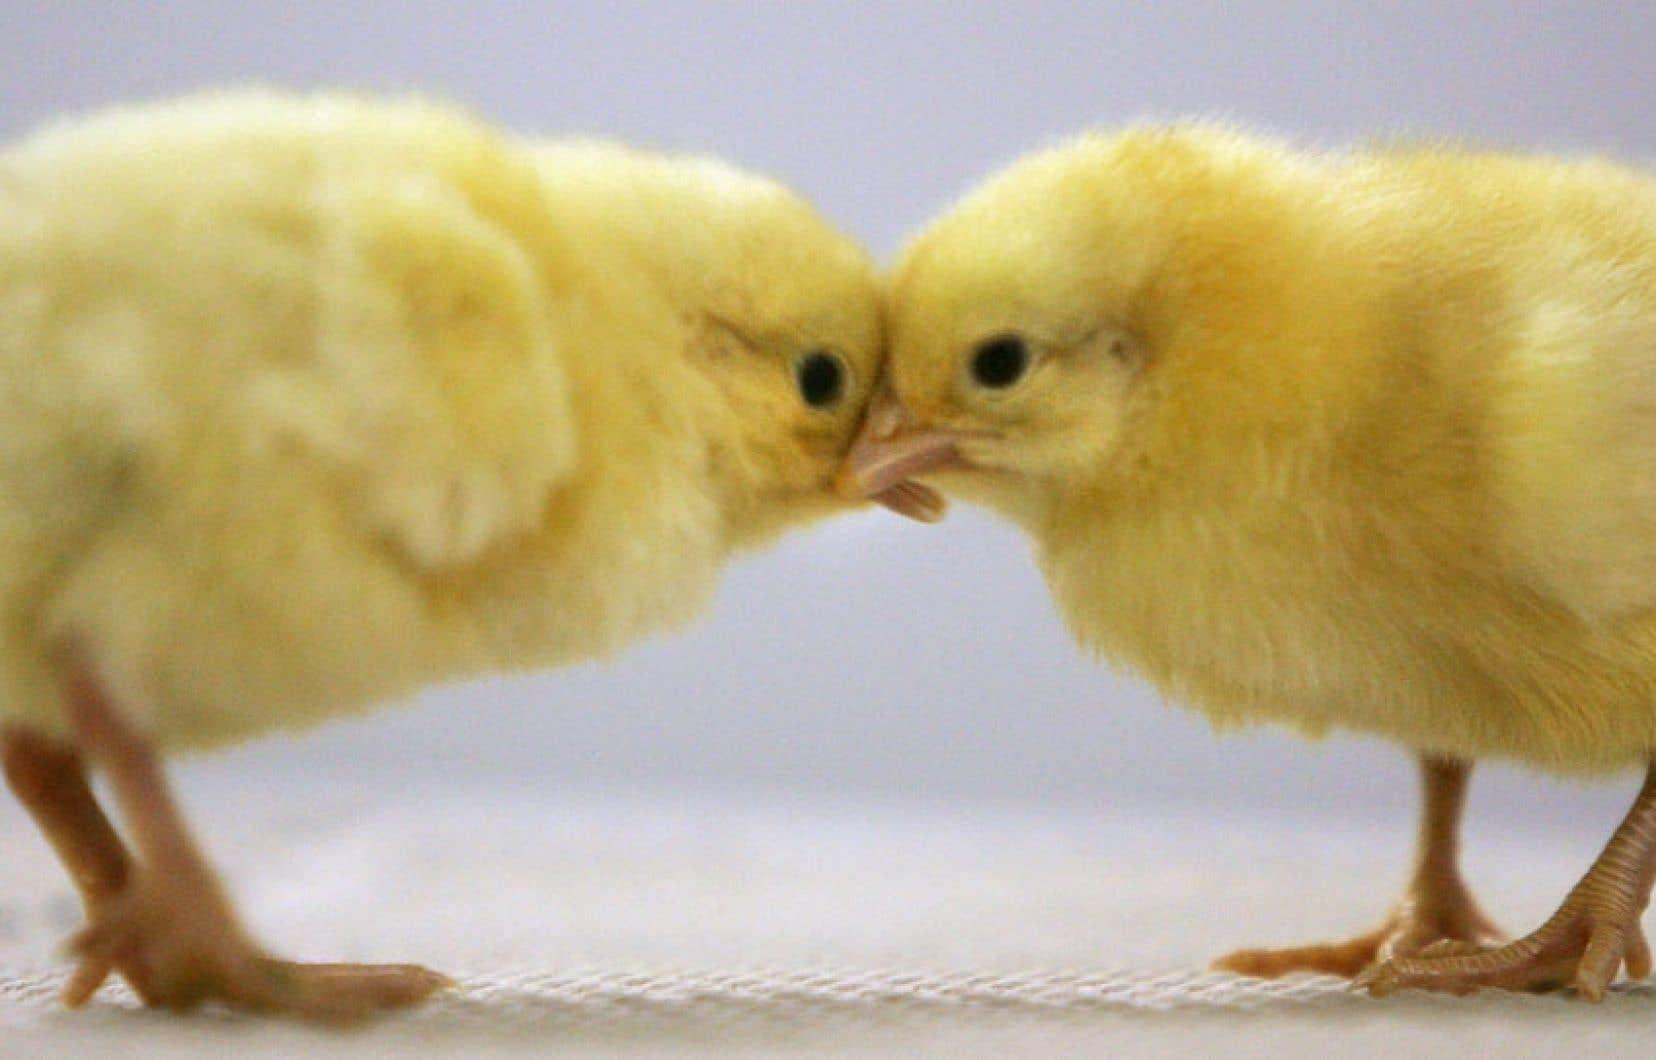 Les négociations du Partenariat transpacifique pourraient amener le Canada à revoir sa politique de gestion de l'offre dans les secteurs du lait, de la volaille et des œufs afin d'ouvrir le marché asiatique à ses produits laitiers, entre autres.